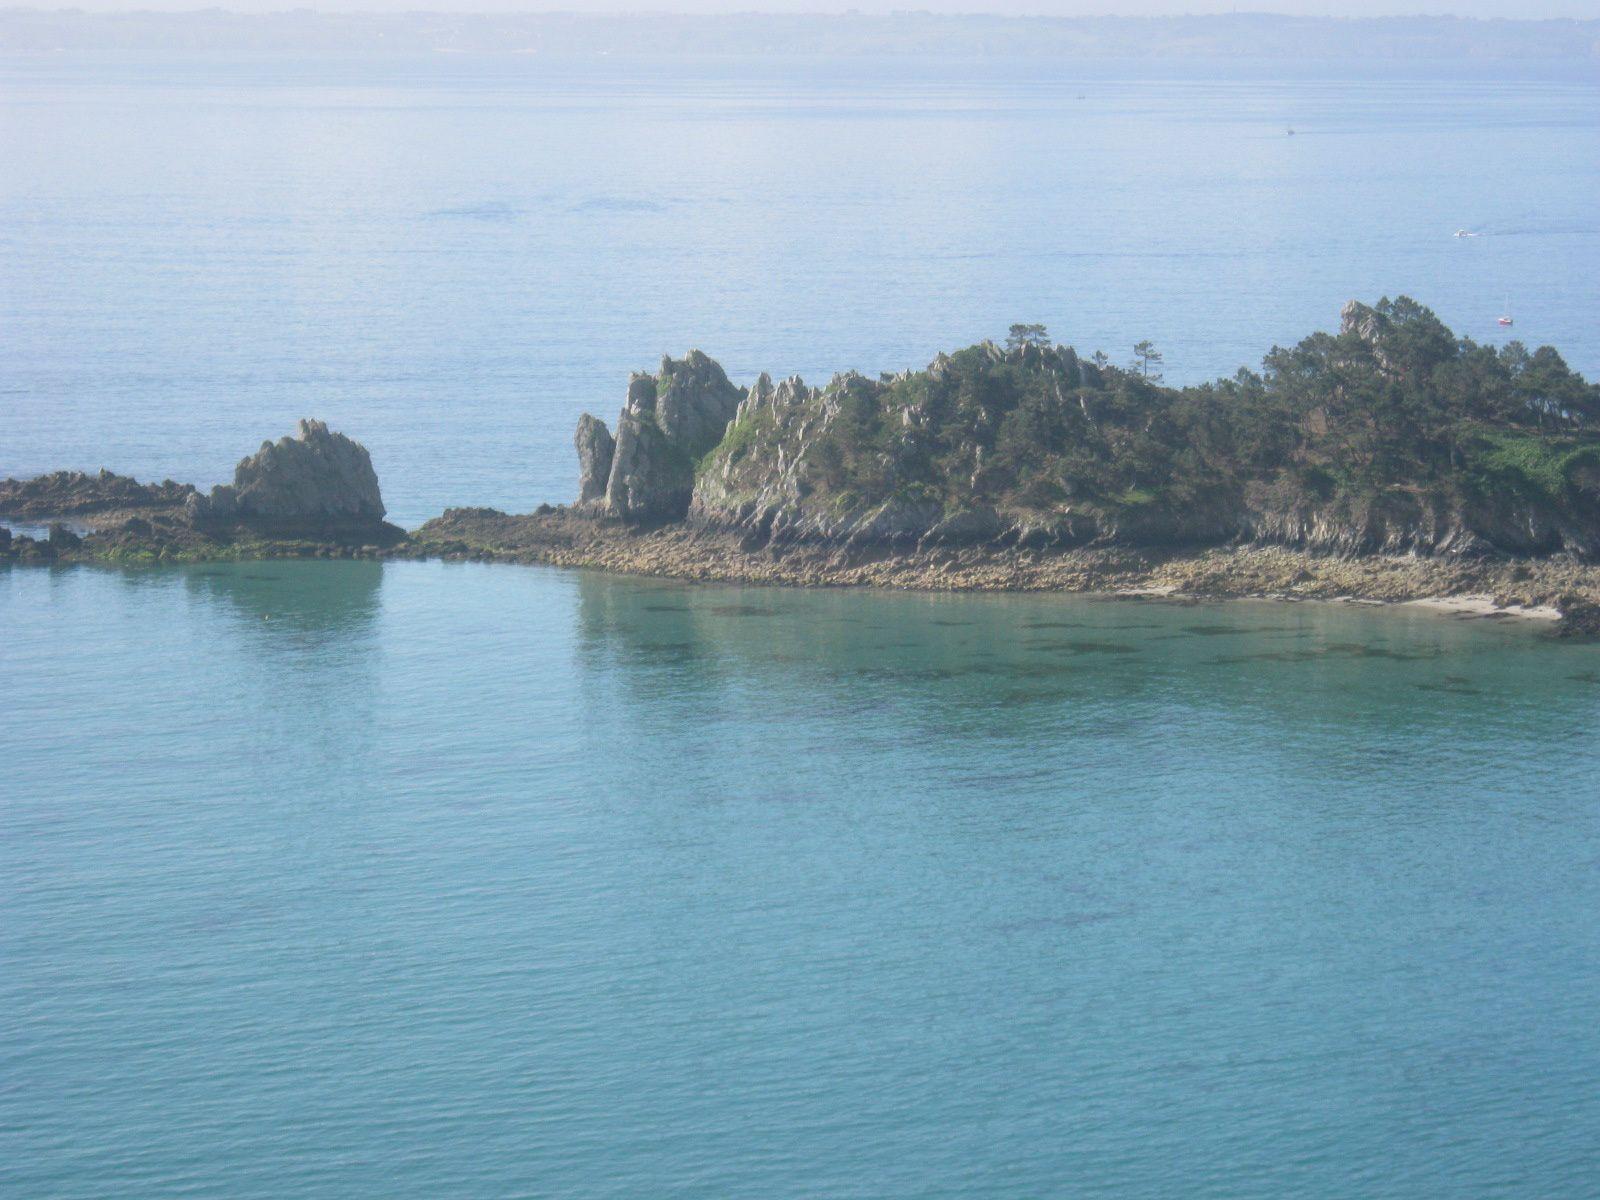 La pointe que nous voyons c'est la Pointe de Saint-Hernot ou Île Vierge